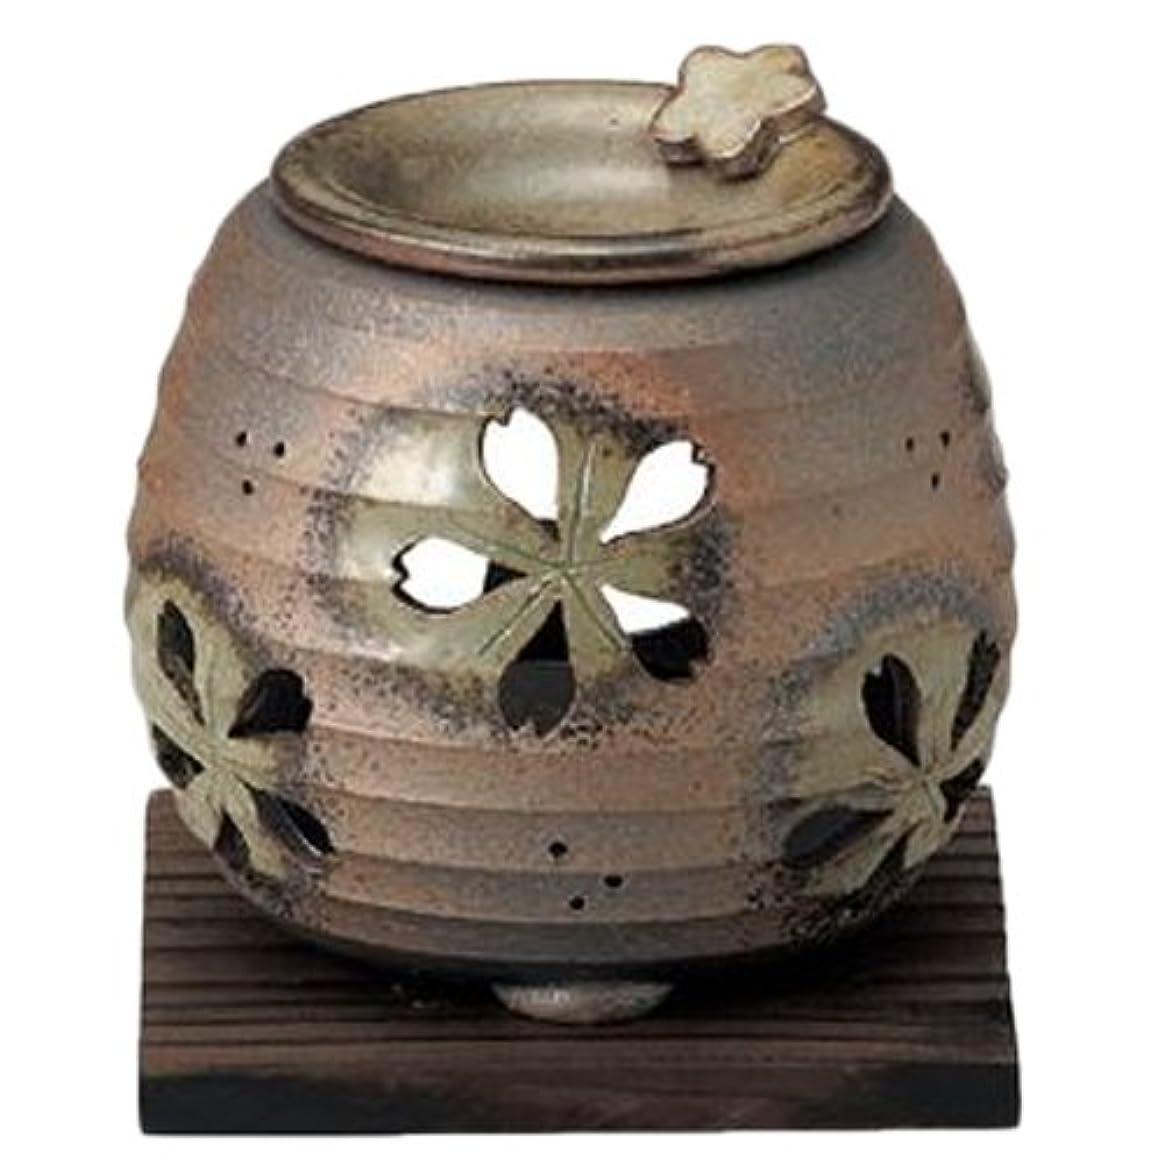 住所デコレーショントレイル常滑焼6-249石龍 緑灰釉桜透かし茶香炉 AM-T1205